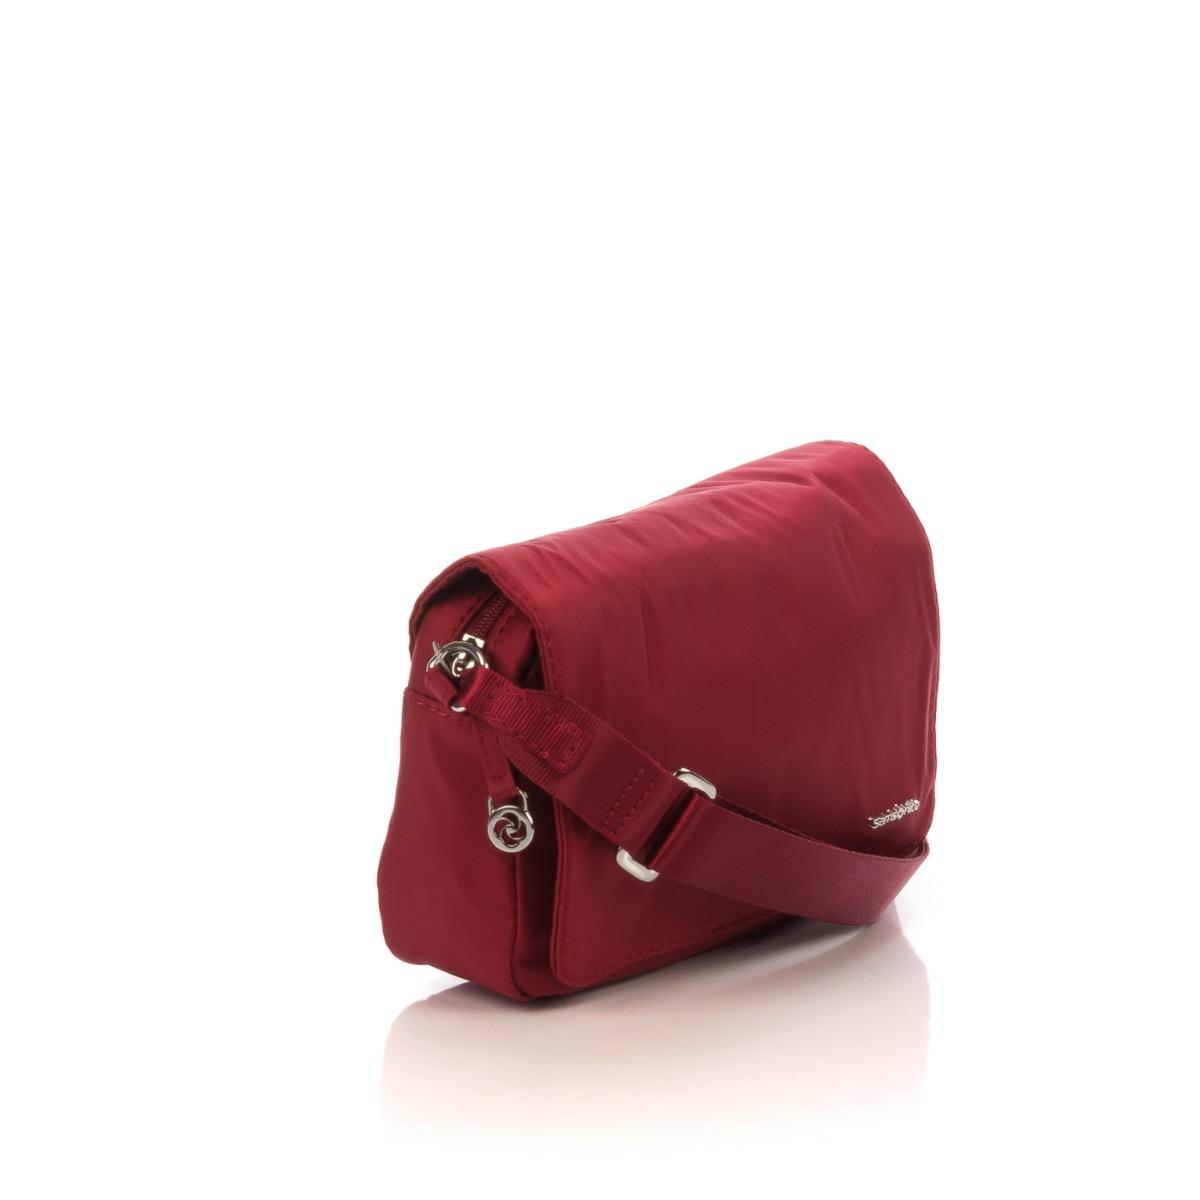 24278c71ed Borse Firmate Moda Donna | Acquista Online|Treviso